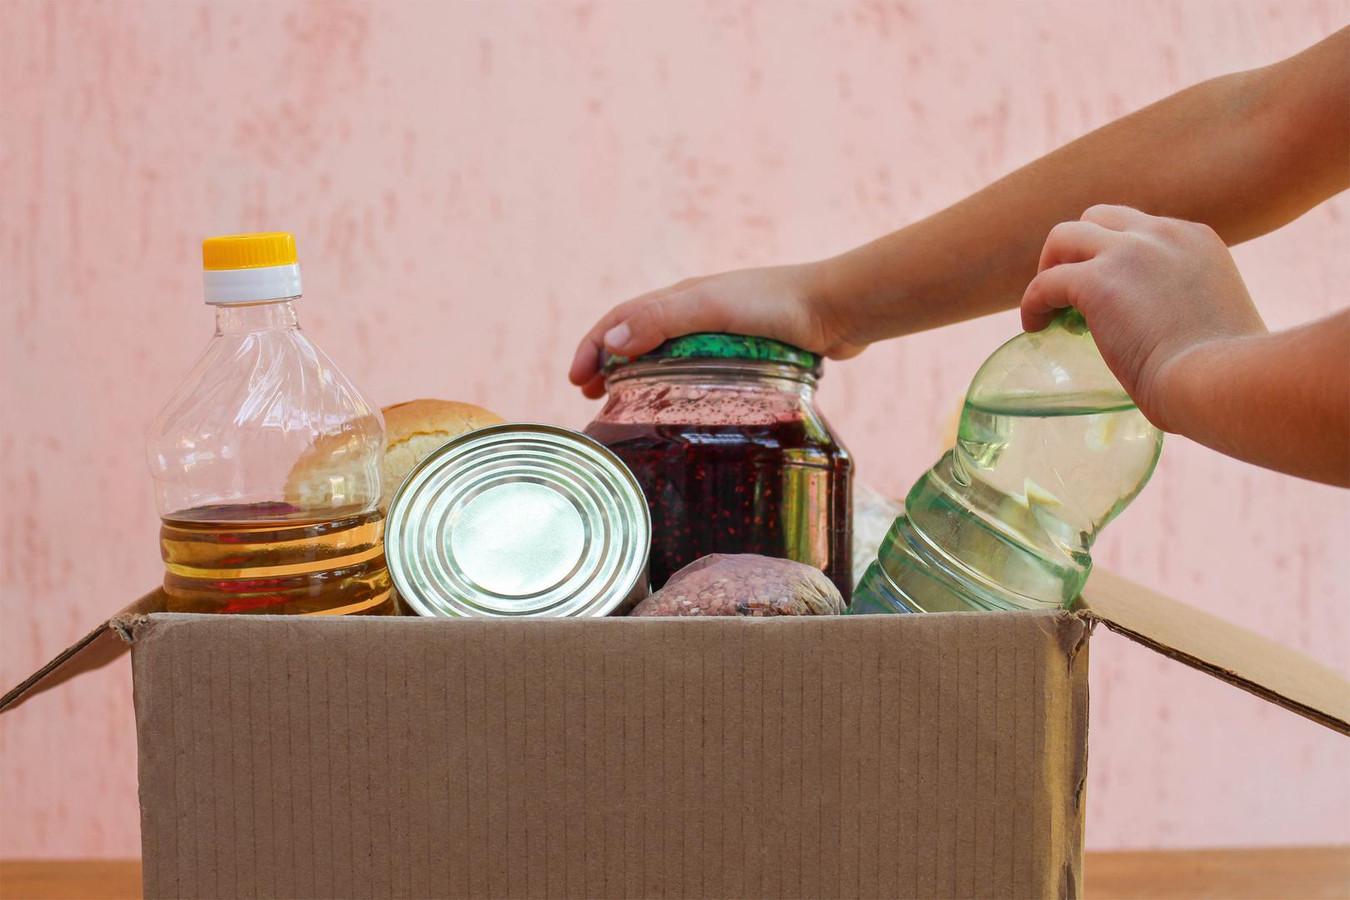 Ook verpakkingsmateriaal zoals plastic, aluminium en karton is moeilijker verkrijgbaar voor veel bedrijven in de voedingssector.